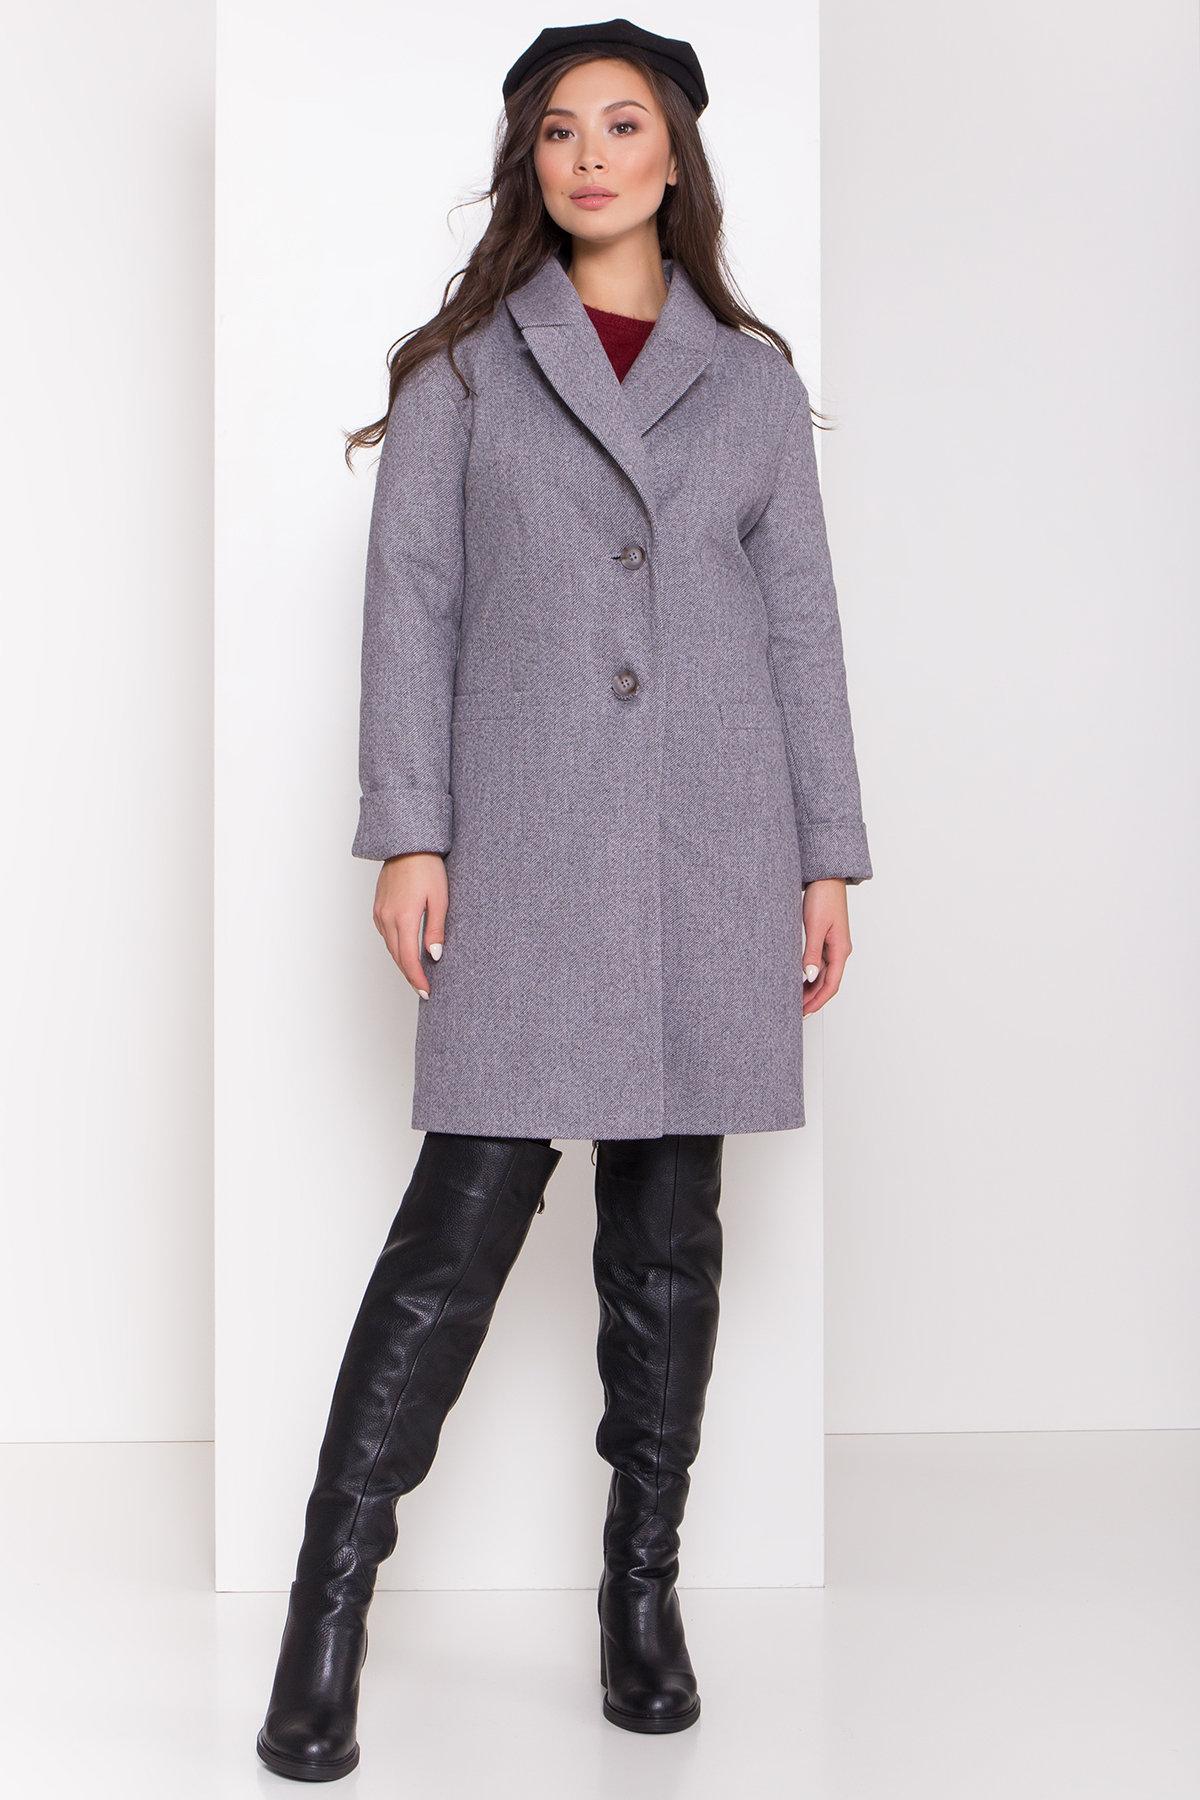 Зимнее утепленное пальто диагональ Вива 8243 АРТ. 44279 Цвет: Серый - фото 3, интернет магазин tm-modus.ru